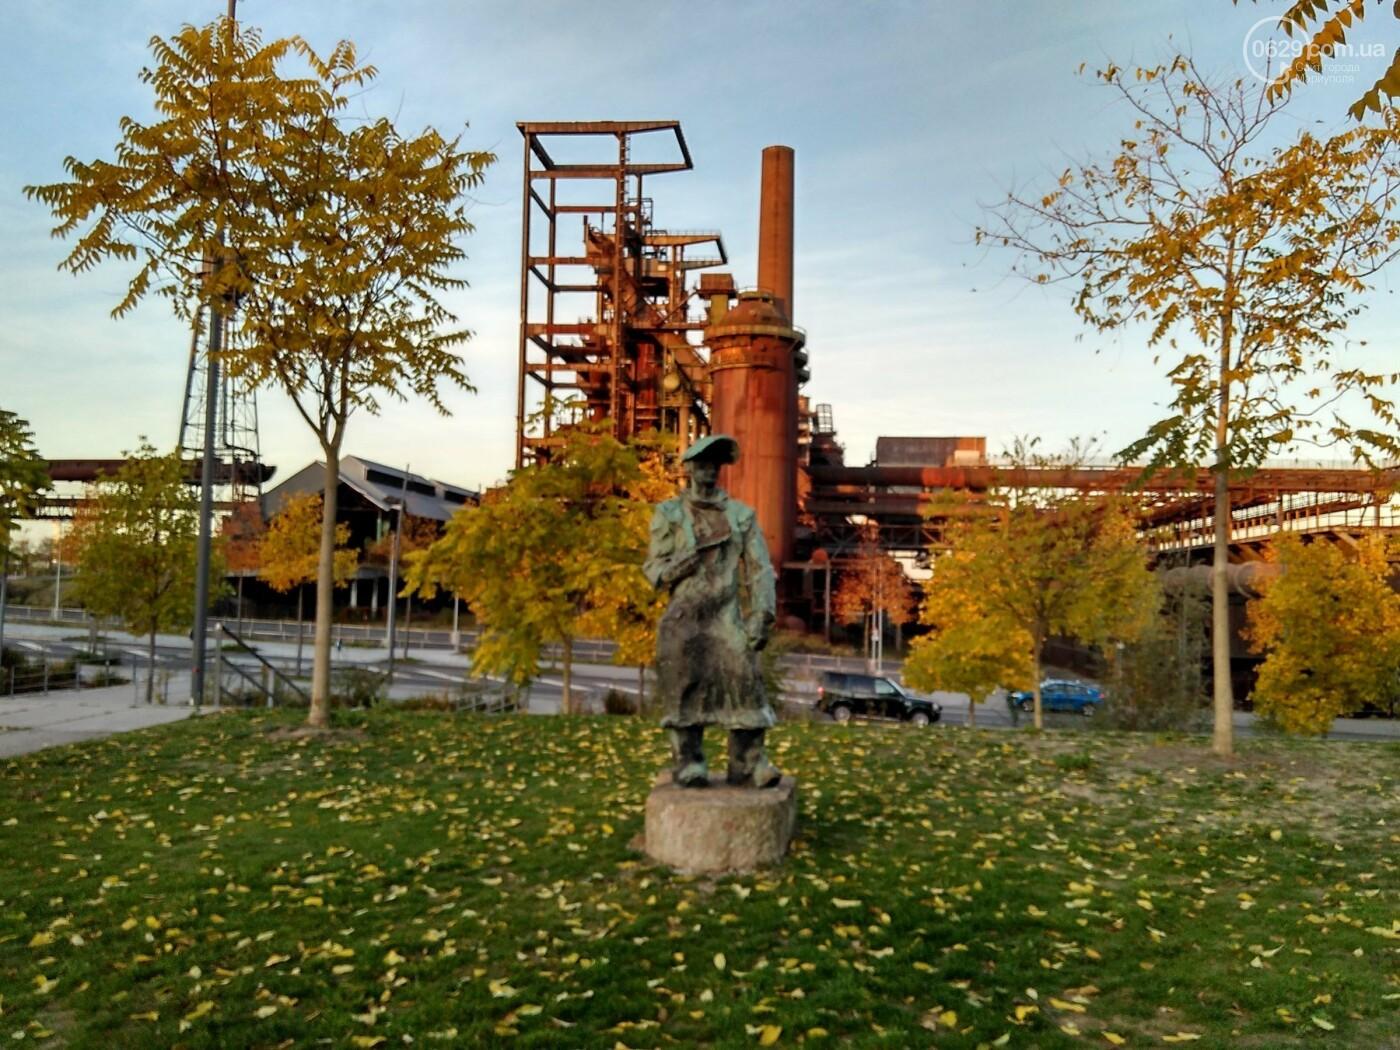 Есть ли жизнь после металлургических заводов? Дортмунд - немецкий аналог Мариуполя, но уже без стали и угля, - ФОТО, фото-2